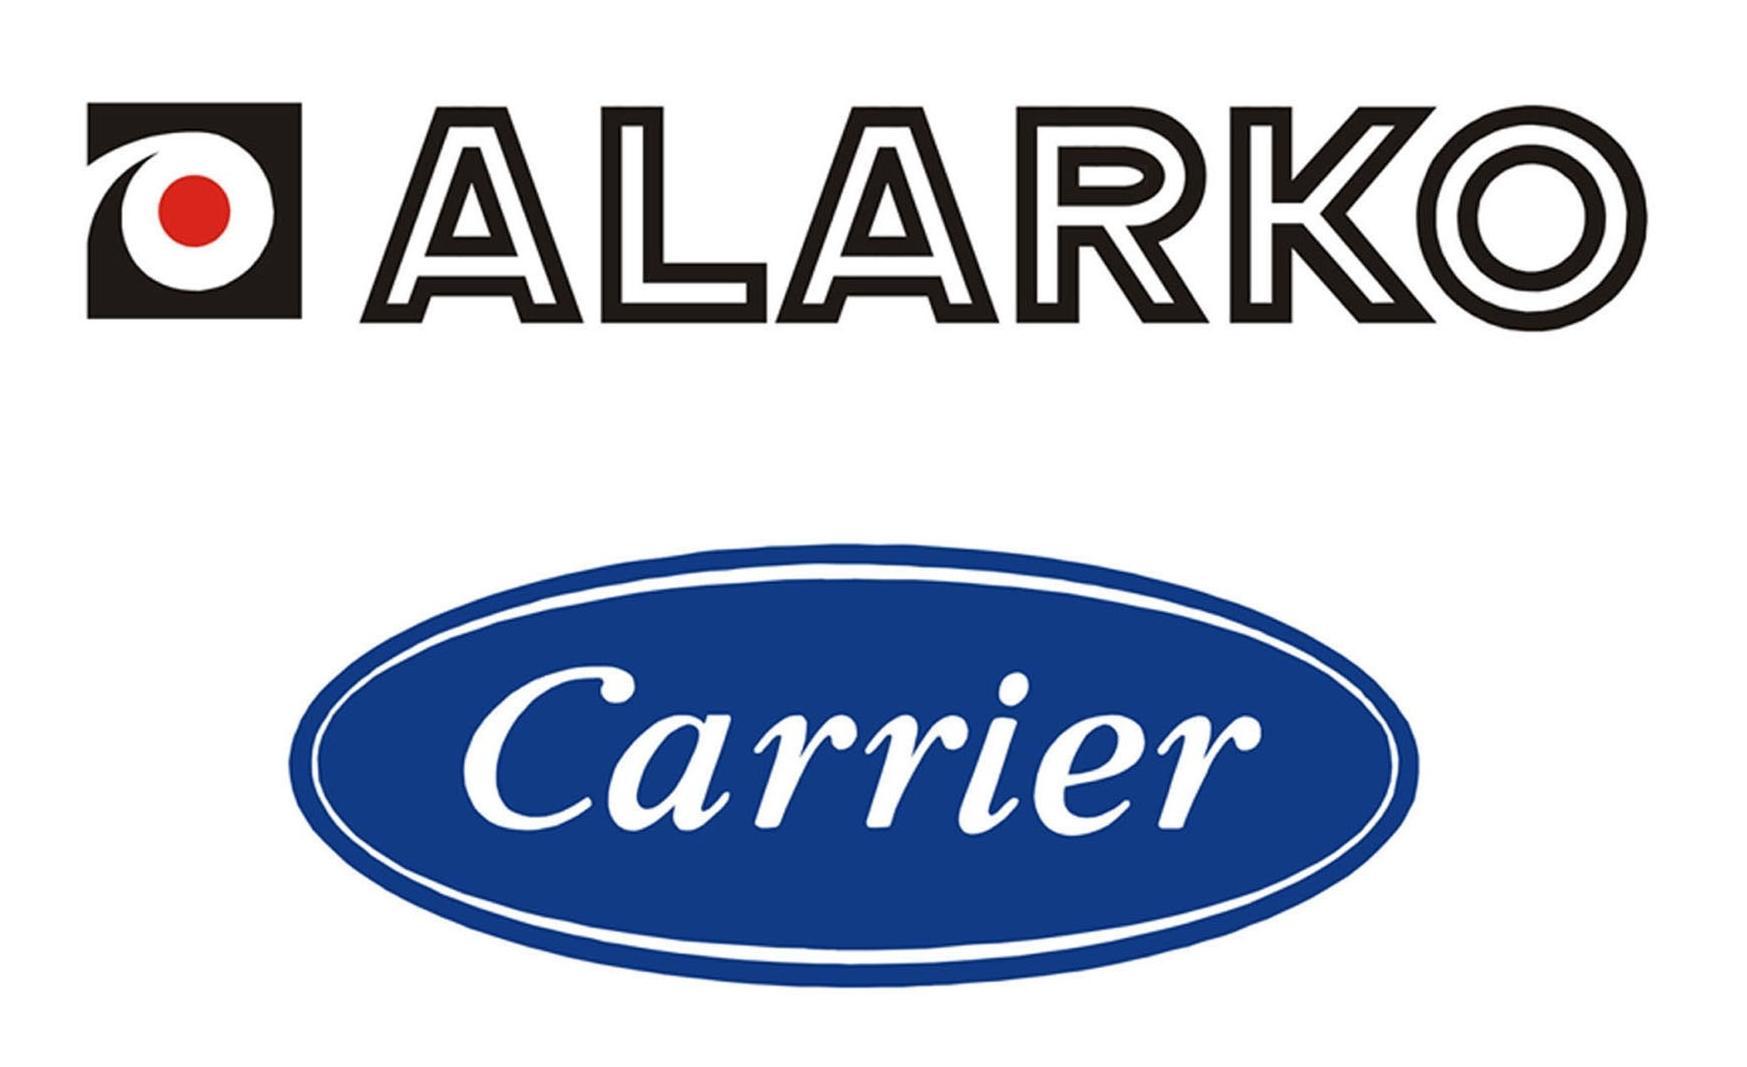 Alarko Carrier'da Yeniden Yapılanma